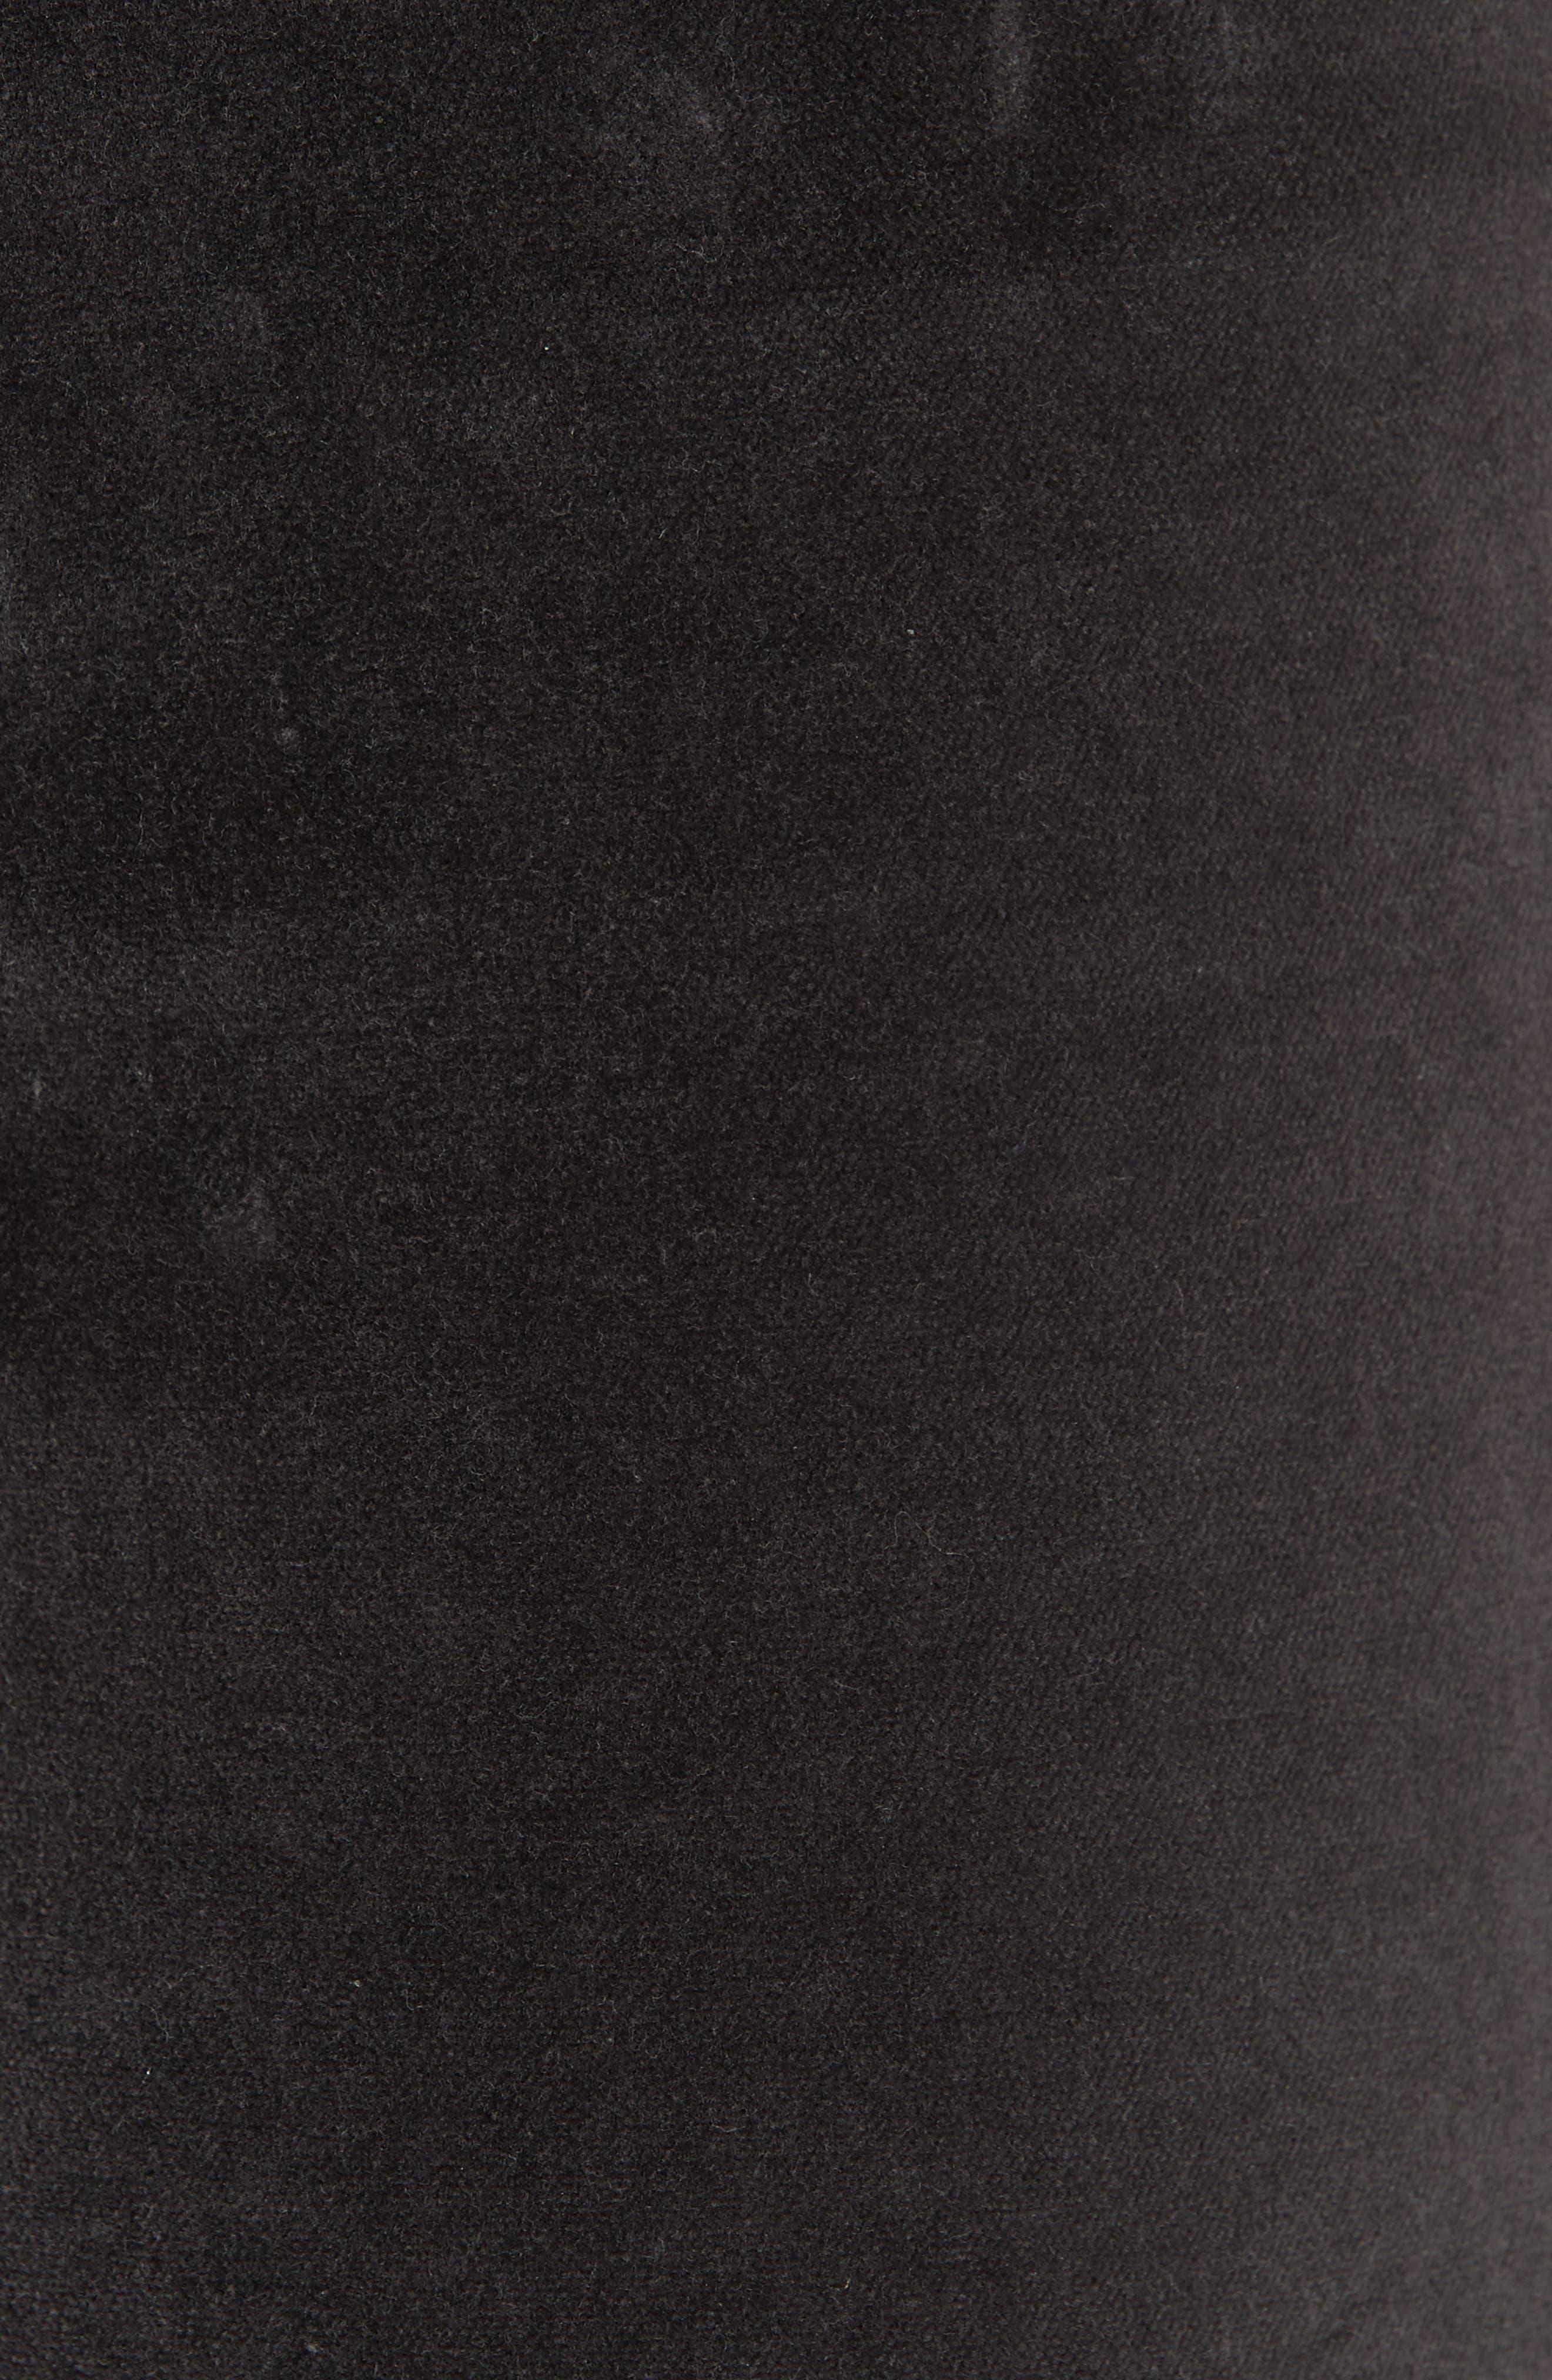 Velveteen High Waist Skinny Pants,                             Alternate thumbnail 5, color,                             021